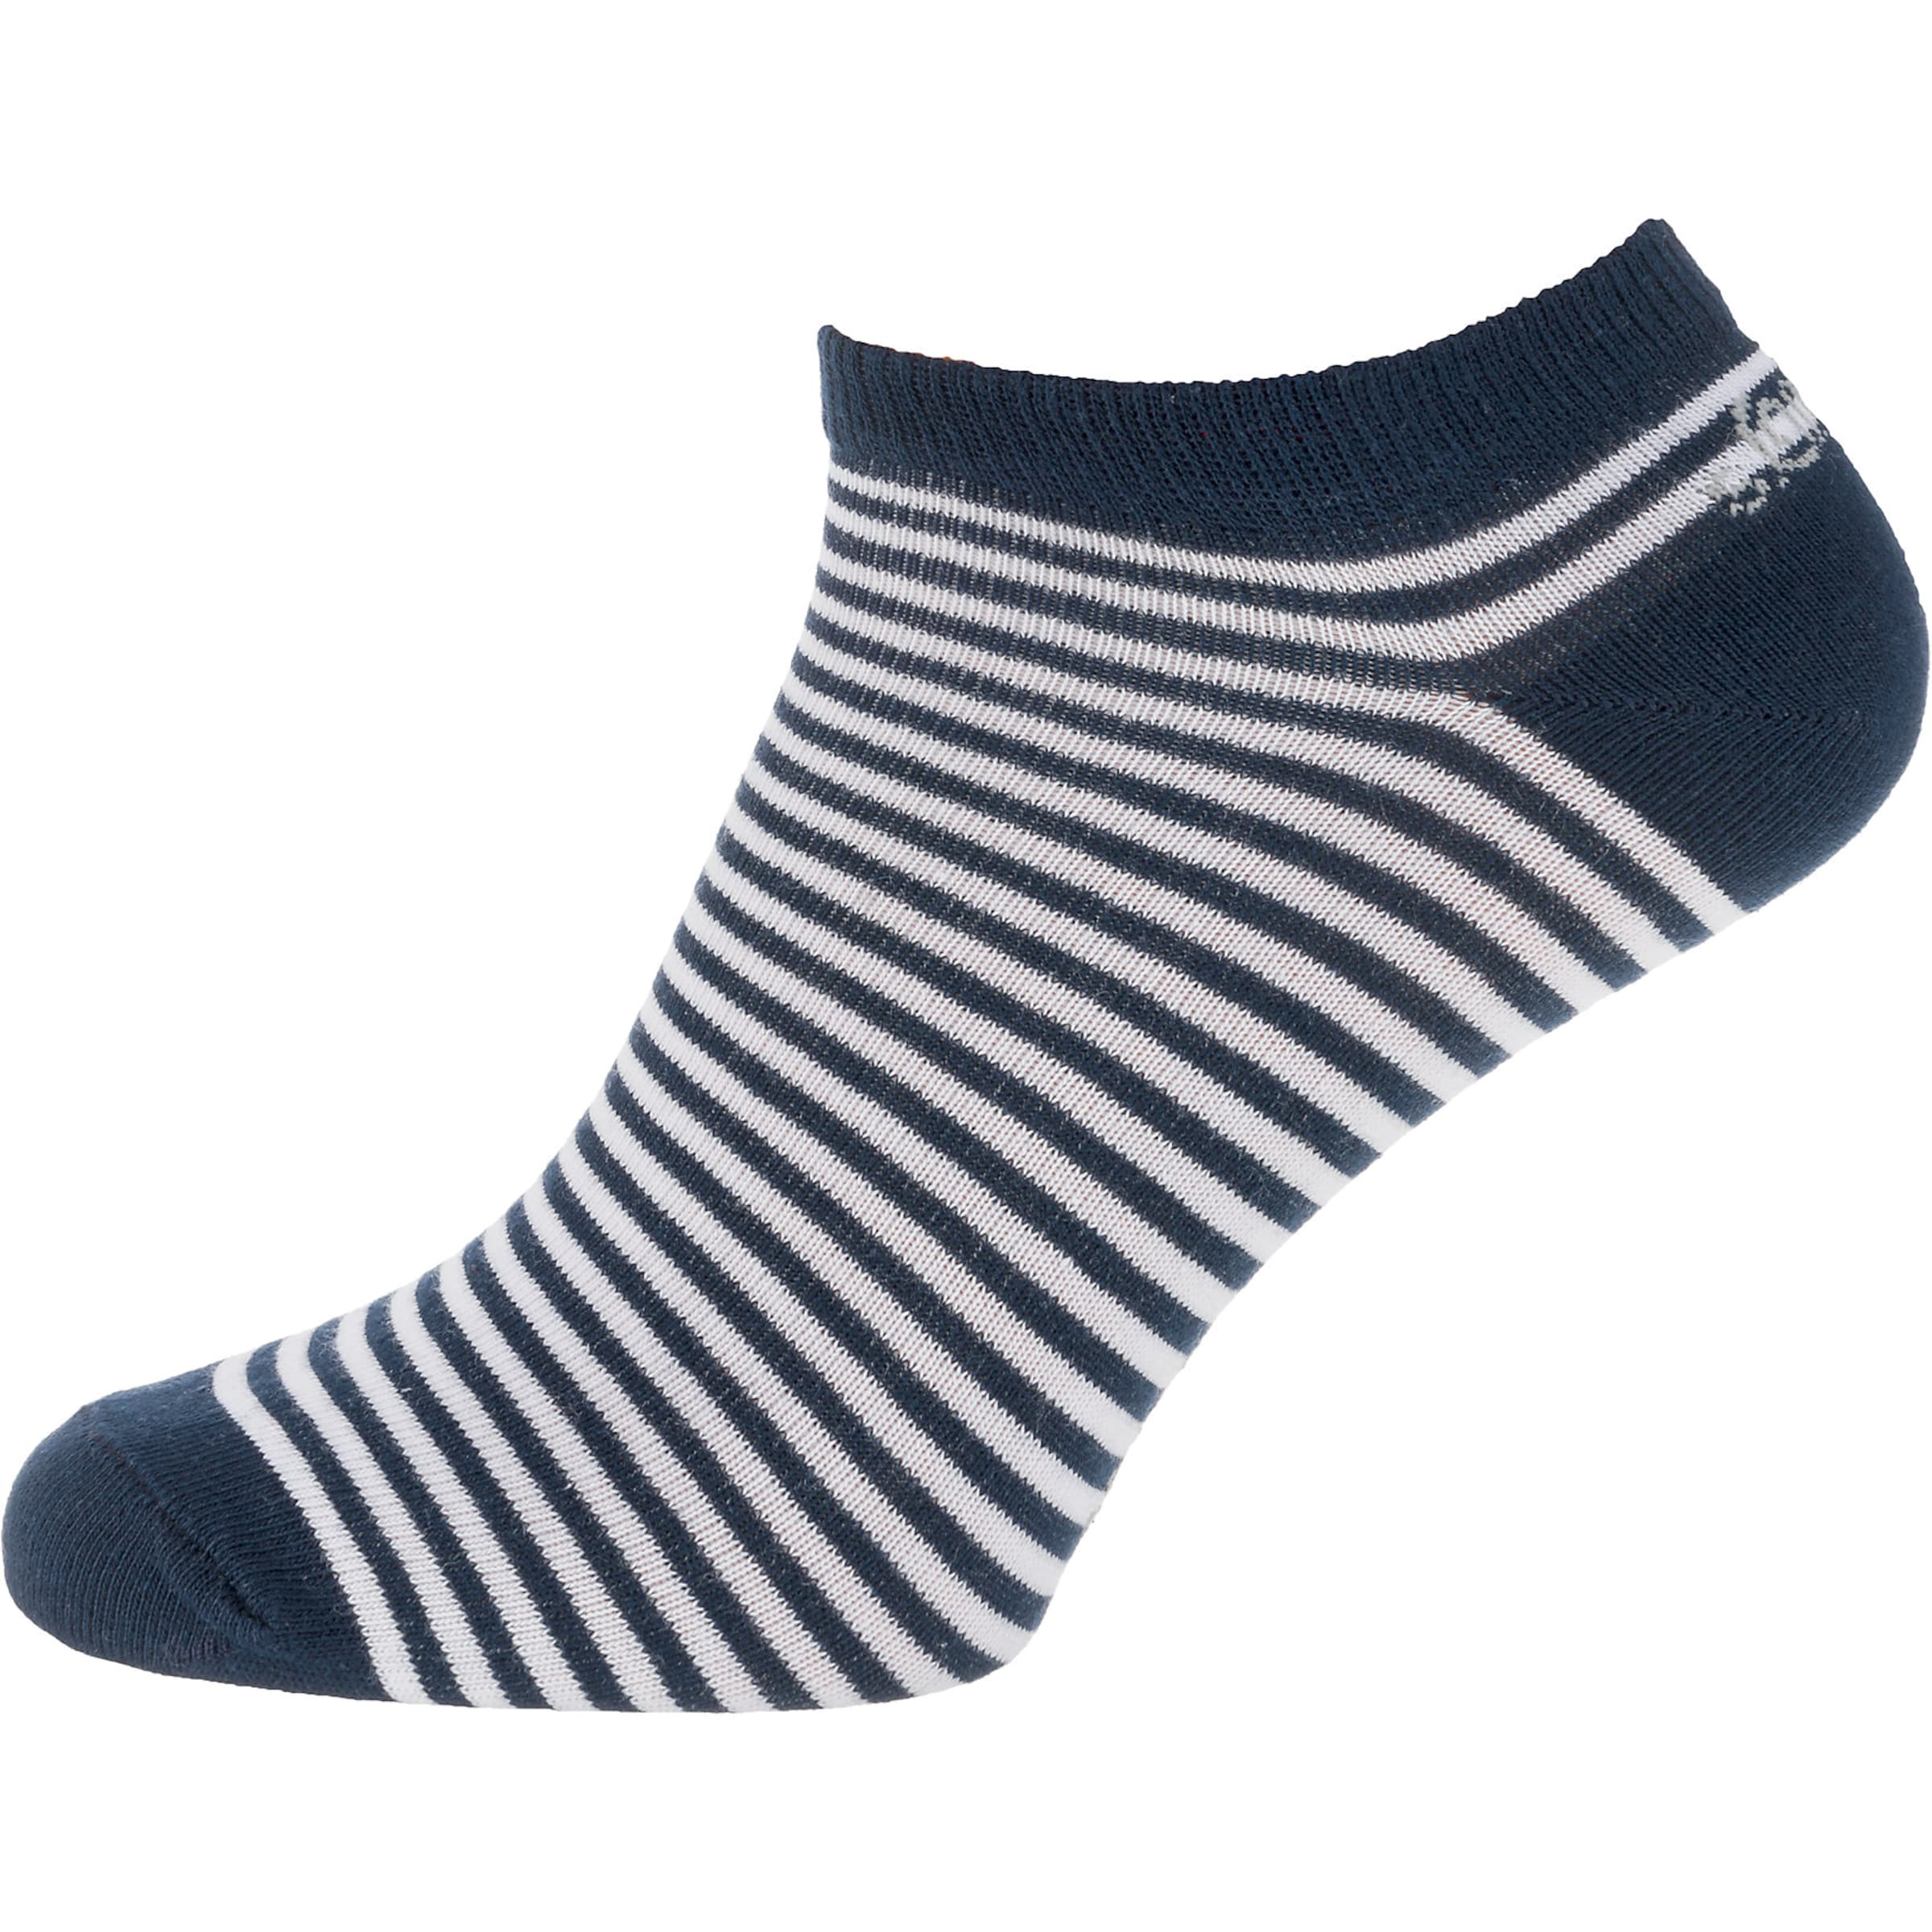 s.Oliver RED LABEL 3 Paar Sneakersocken Footlocker Bilder Verkauf Online BECDWX